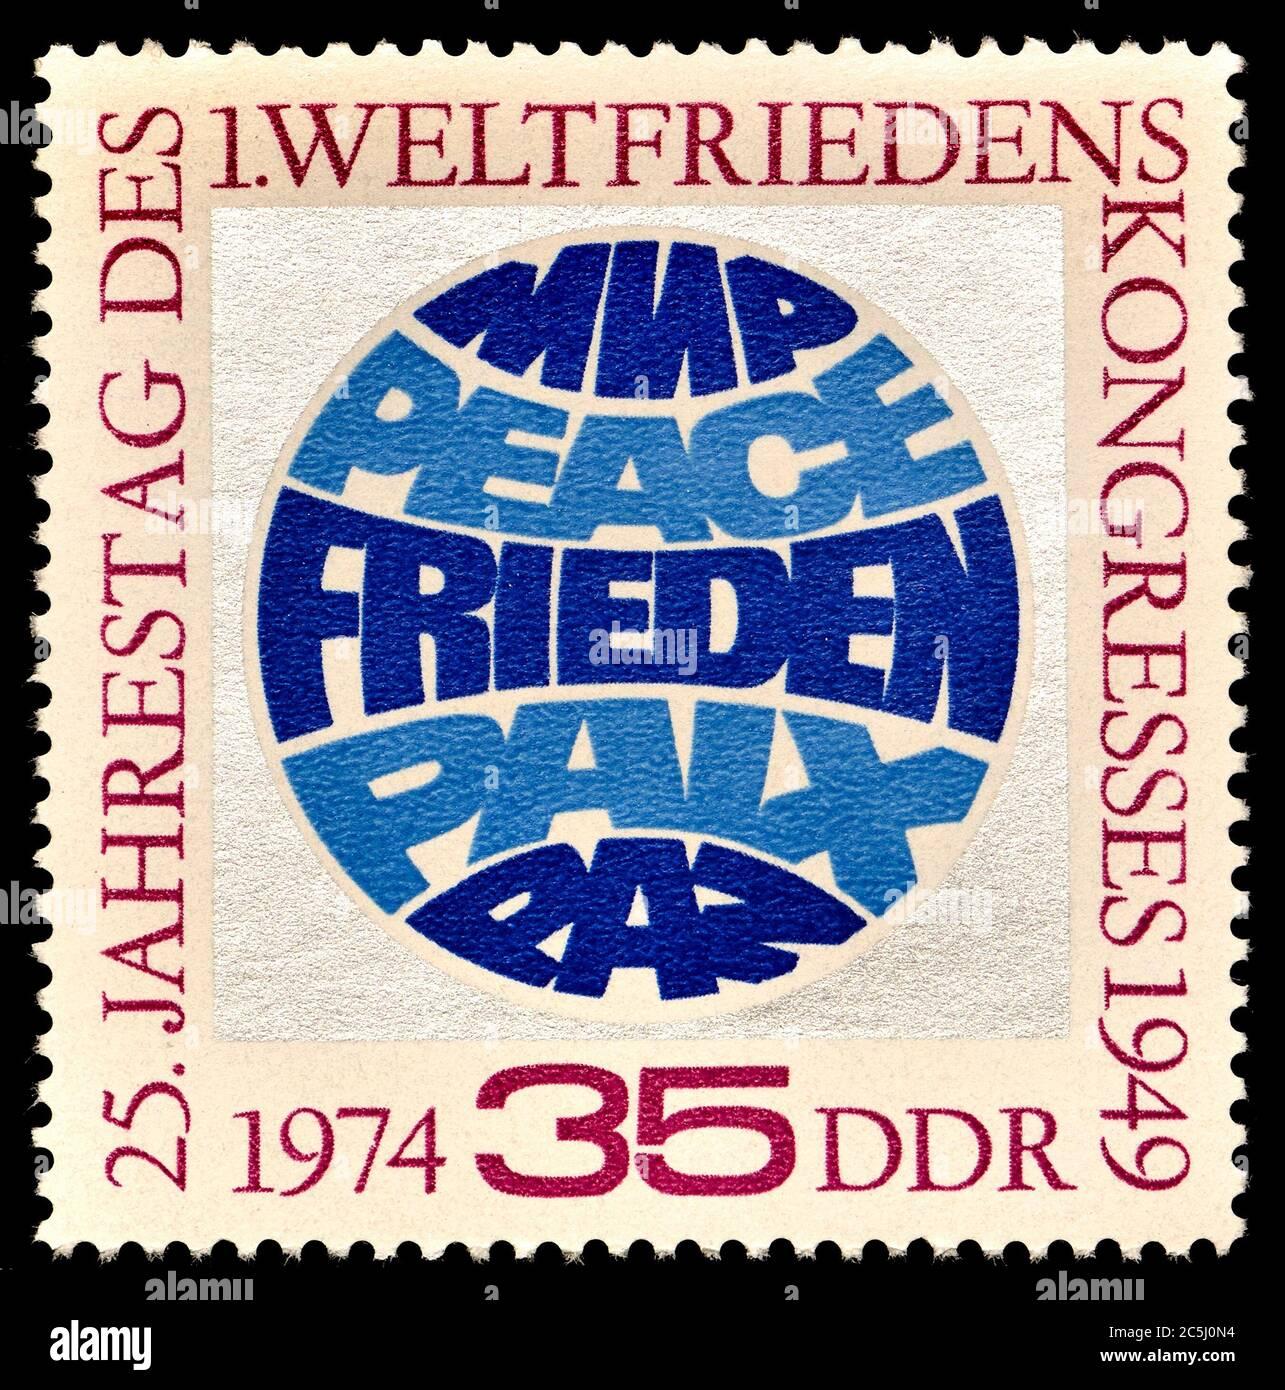 Briefmarke Ostdeutschland (1974) : 25. Jahrestag des 1. Weltfriedenkongresses, 1949. 'Peace' auf Russisch, Englisch, Deutsch, Französisch und Spanisch Stockfoto